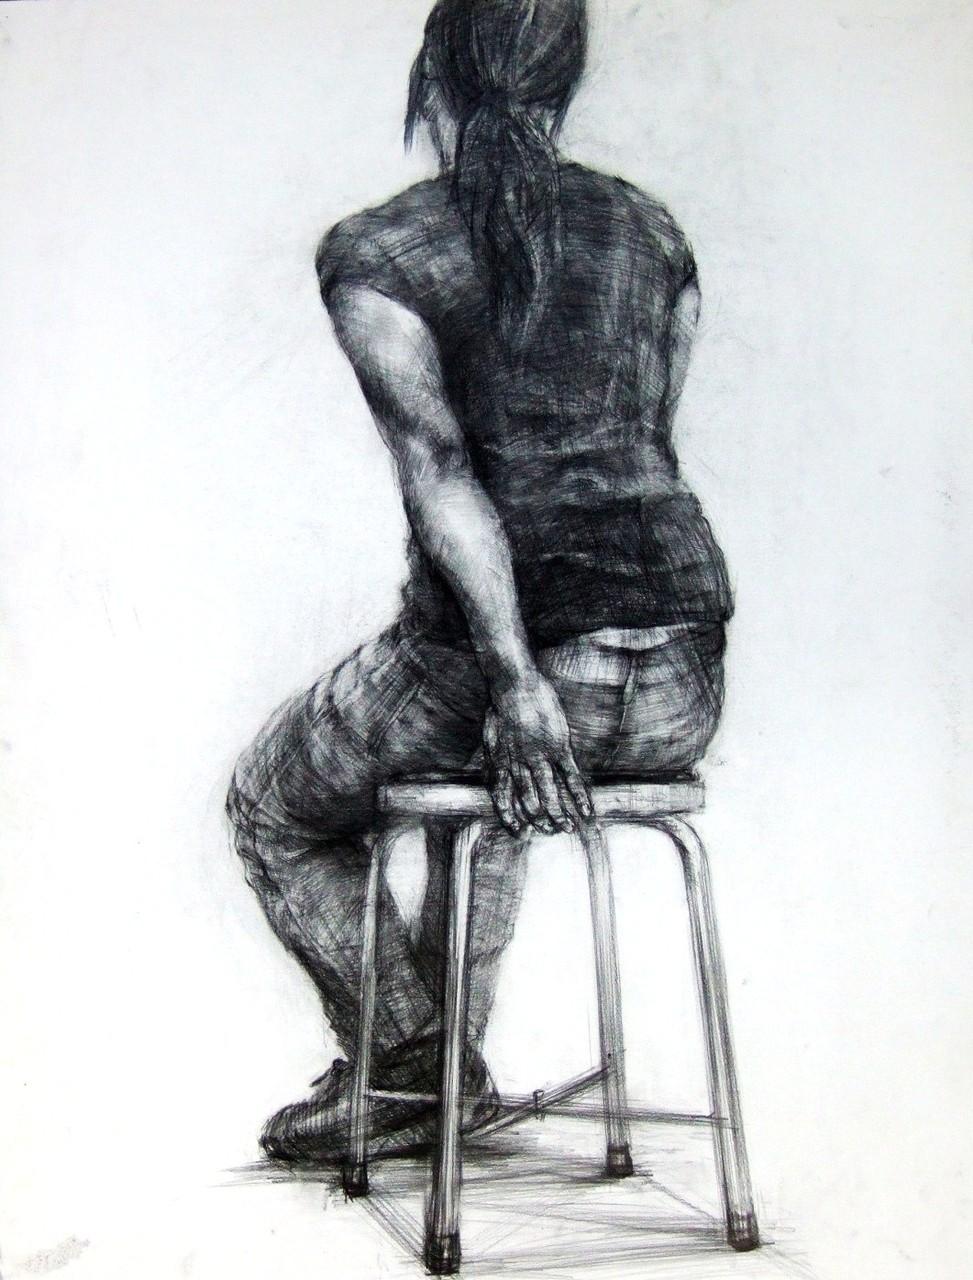 生徒作品23 鉛筆デッサン<人物座像> 木炭紙大 M画用紙 【彫刻系】